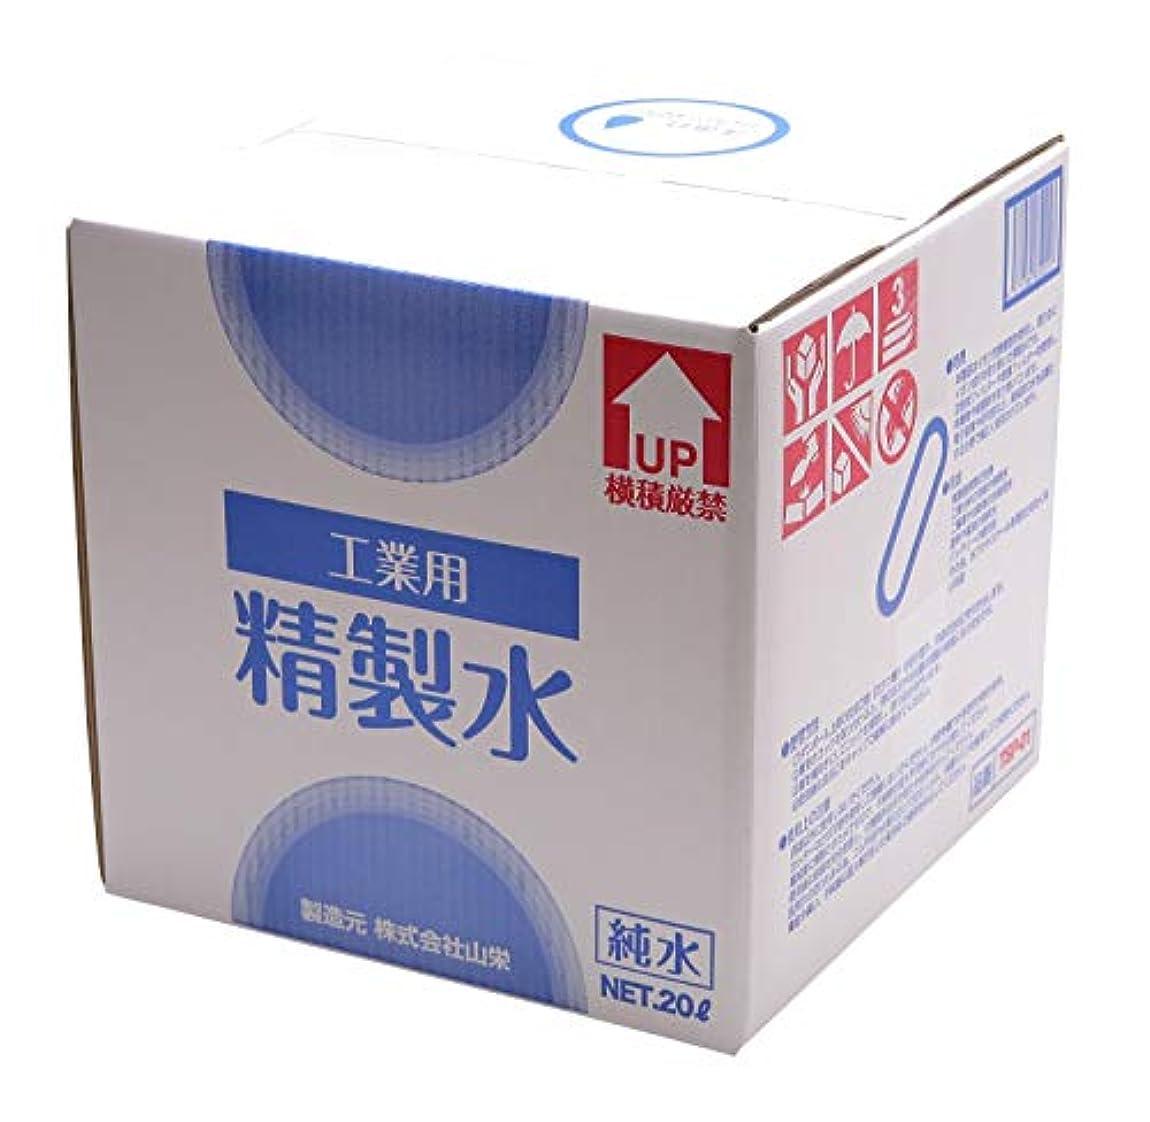 タックルファーム呼び起こすサンエイ化学 工業用 精製水 [ 20L 1箱 : コック付き ] (工業用/業務用) 洗浄水 補給用水 化粧用 加湿器 美顔器 日本産 純水